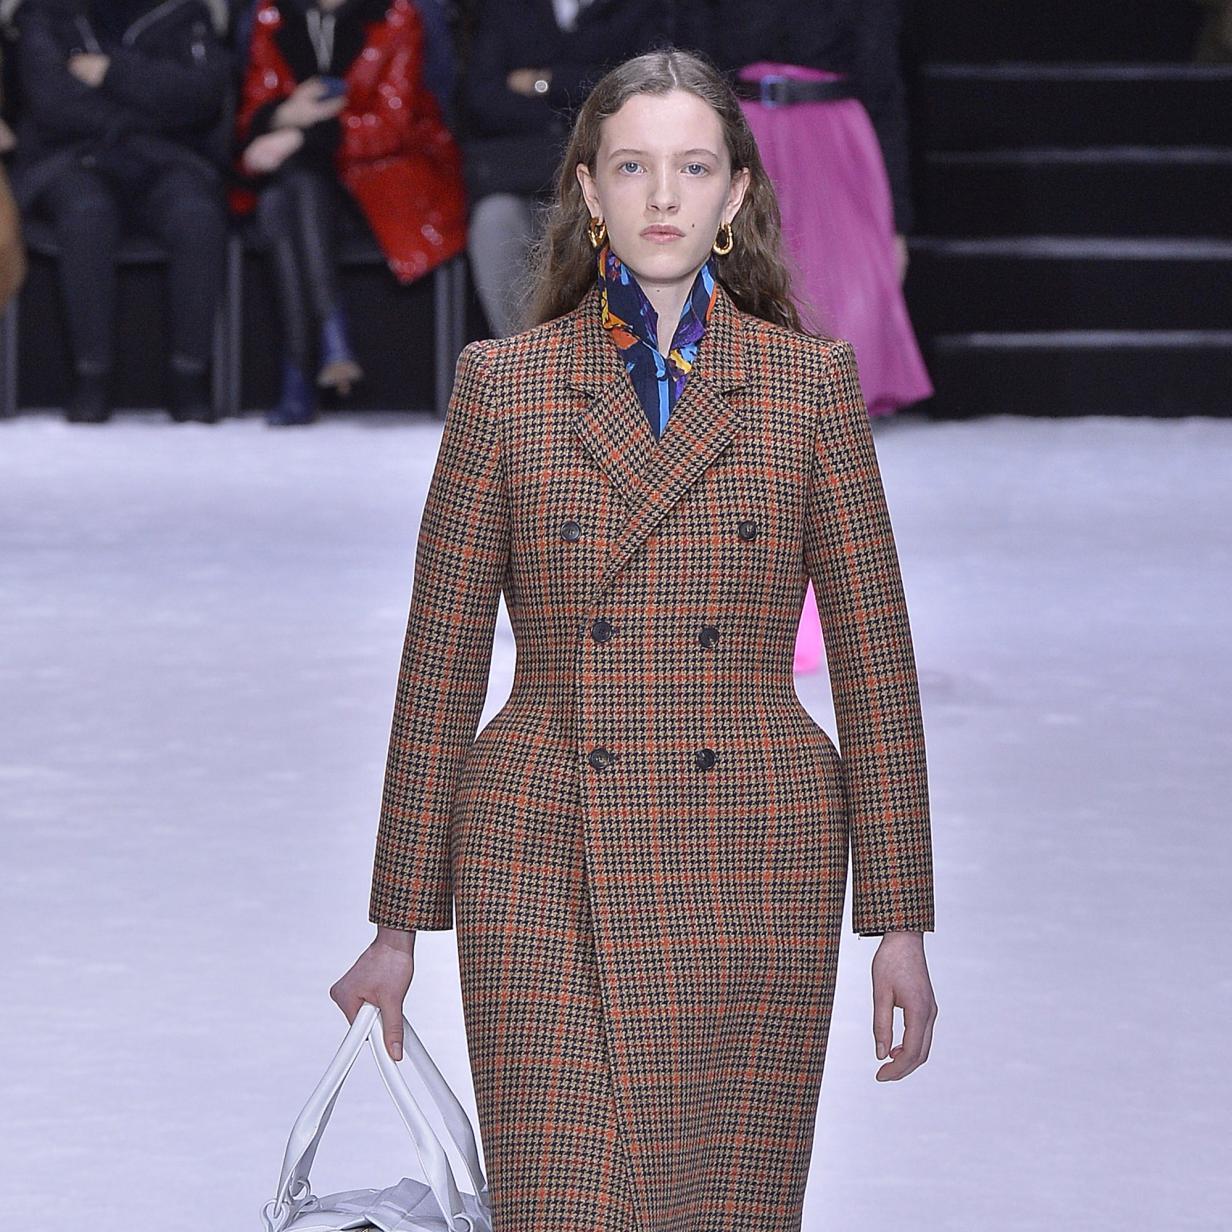 Kleider um 100.000 Euro: Balenciaga kehrt zur Haute Couture zurück